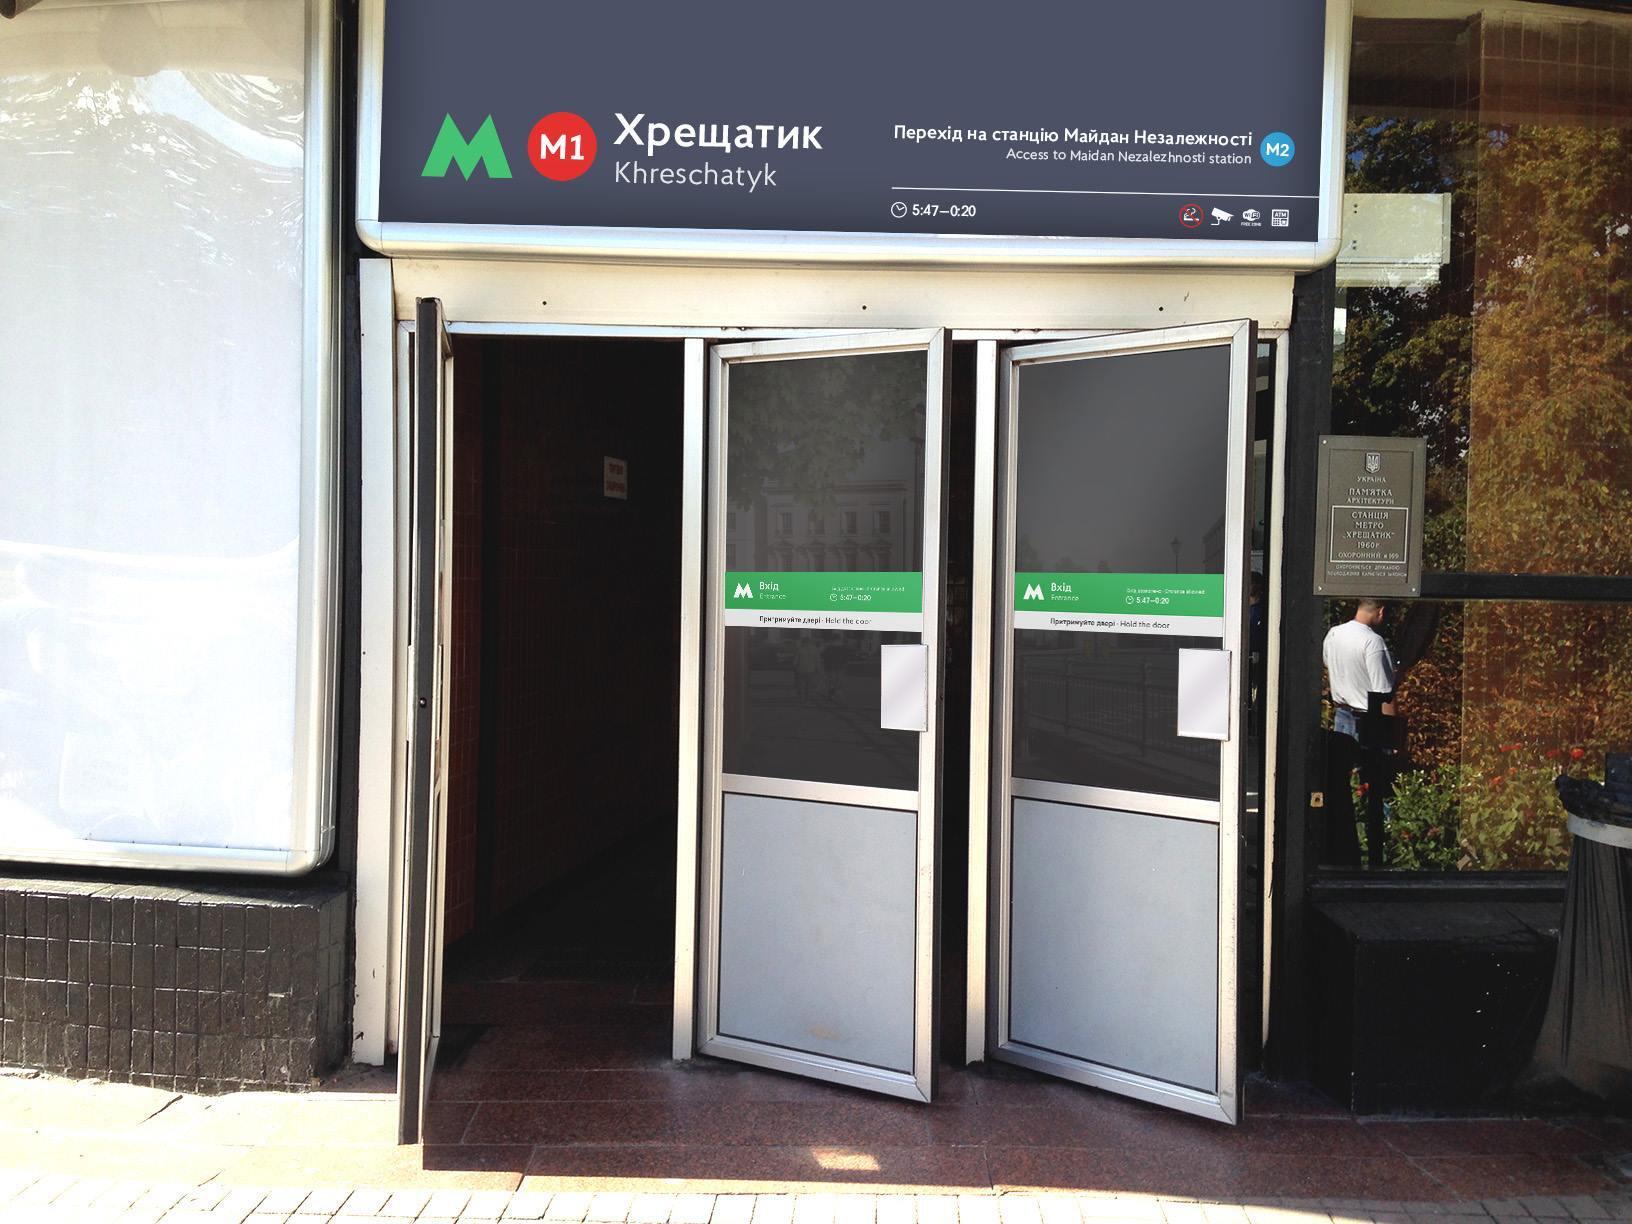 Як виглядав би вхід в вестибюль станції без реклами